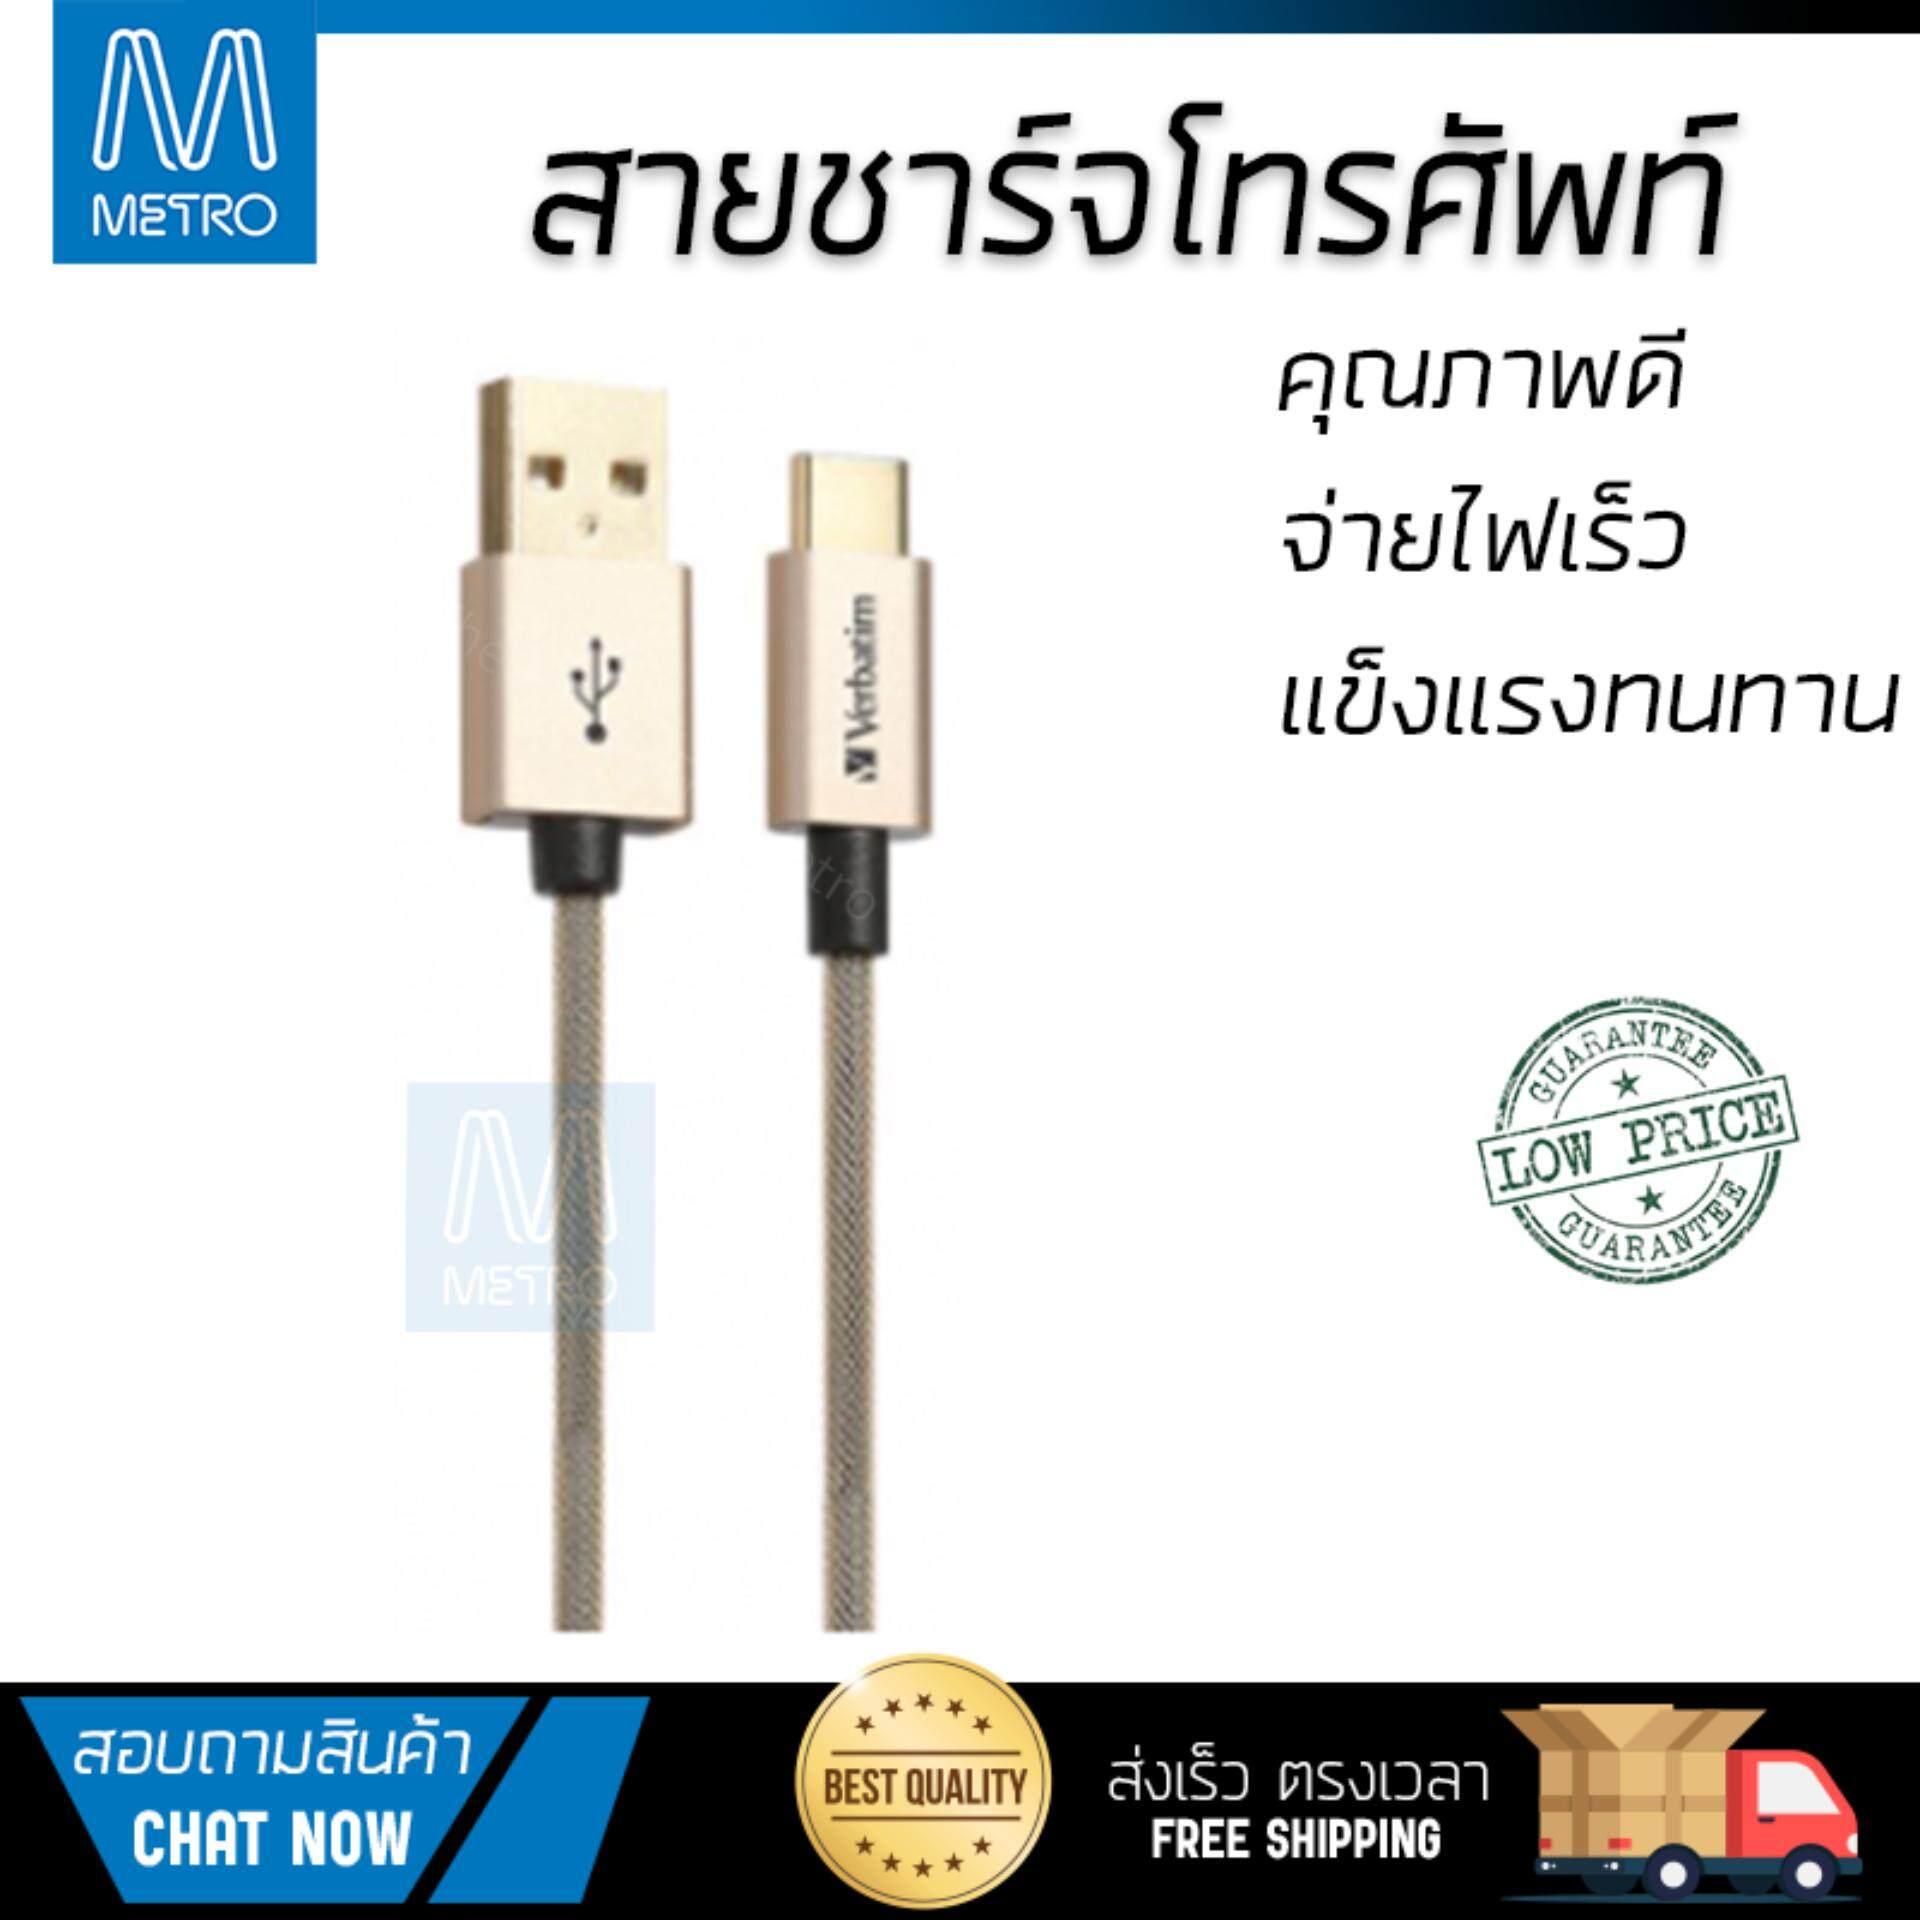 สุดยอดสินค้า!! ราคาพิเศษ รุ่นยอดนิยม สายชาร์จโทรศัพท์ CS@ Verbatim USB-A to USB-C Cable 1.2M. Gold สายชาร์จทนทาน แข็งแรง จ่ายไฟเร็ว Mobile Cable จัดส่งฟรี Kerry ทั่วประเทศ